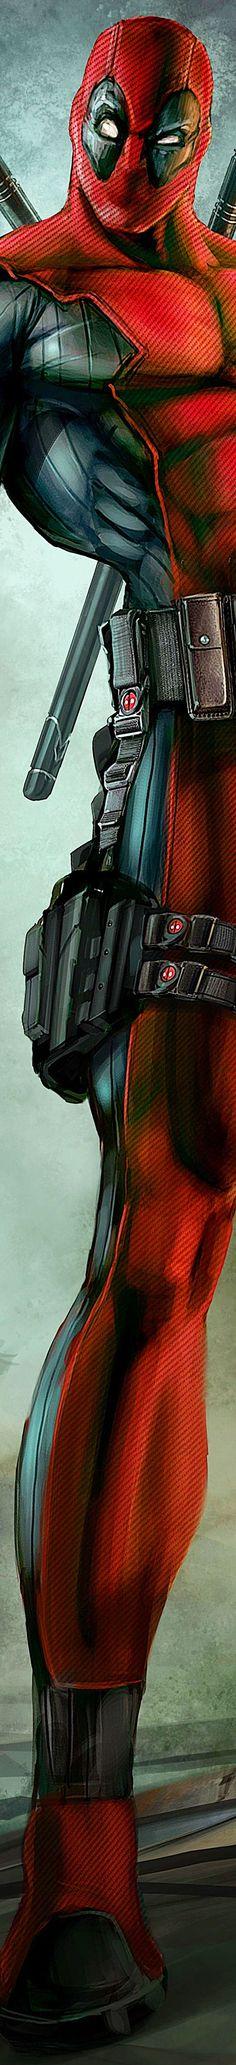 Deadpool/Wade